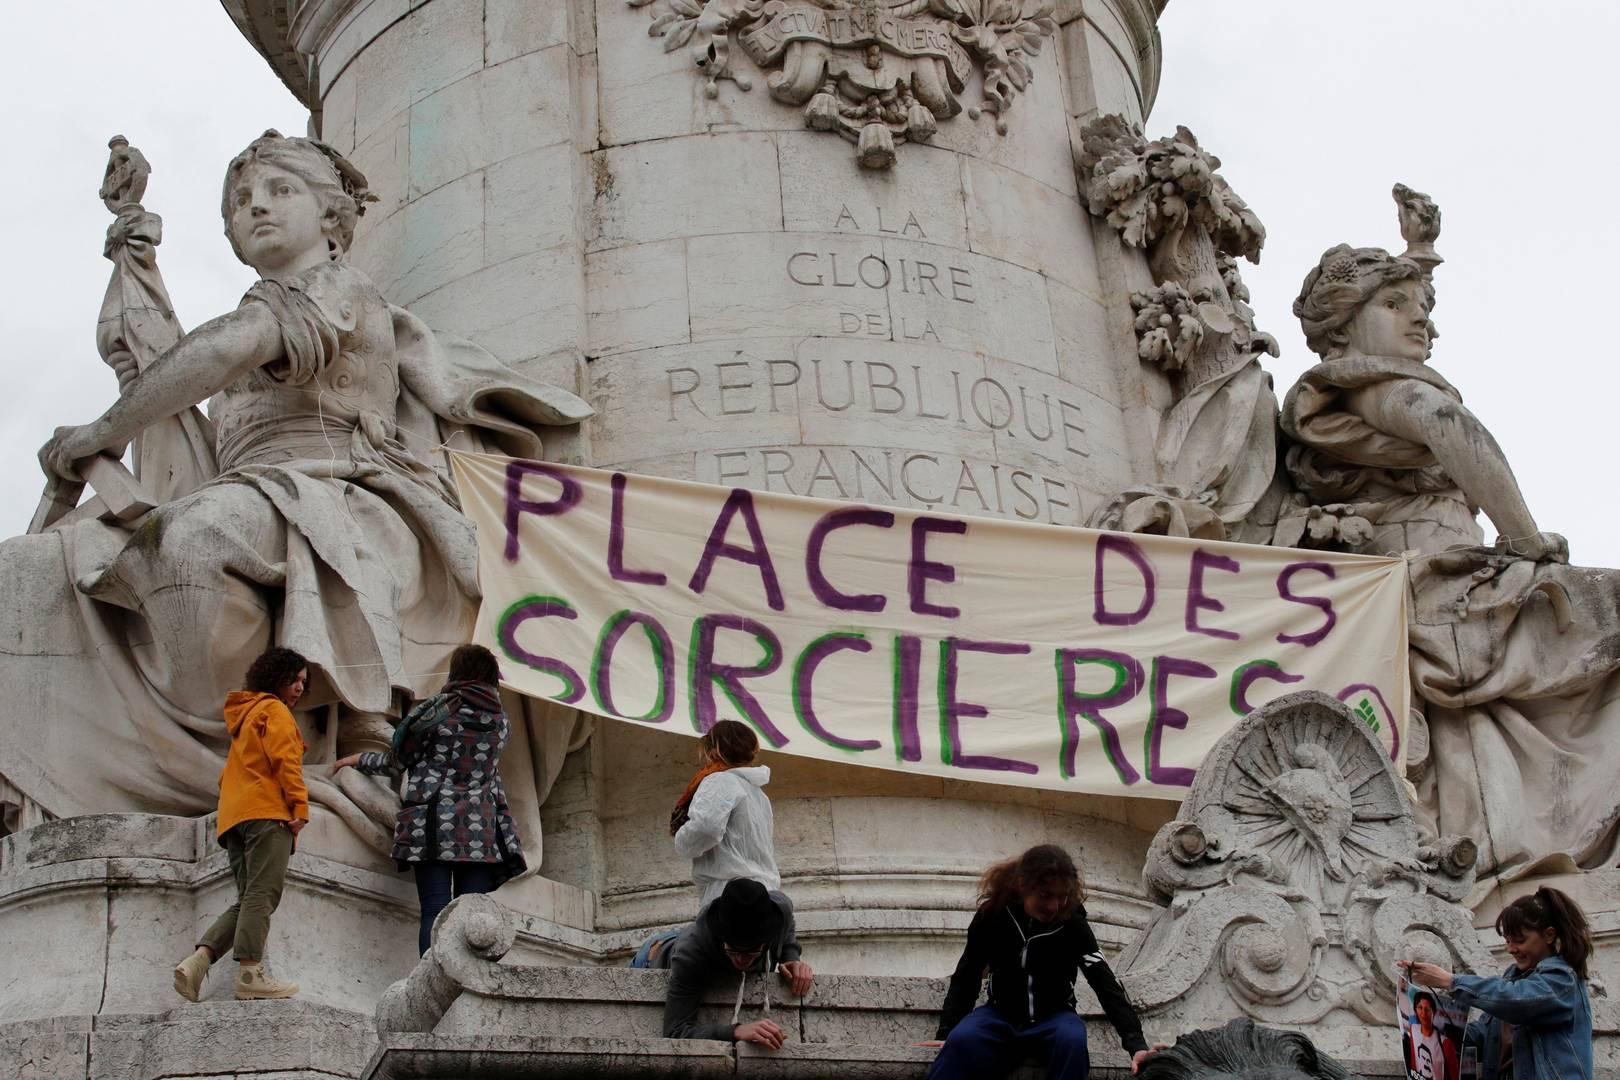 Париж, «Площадь ведьм». 8 марта 2019 г. (Фото — Филипп Войазер)